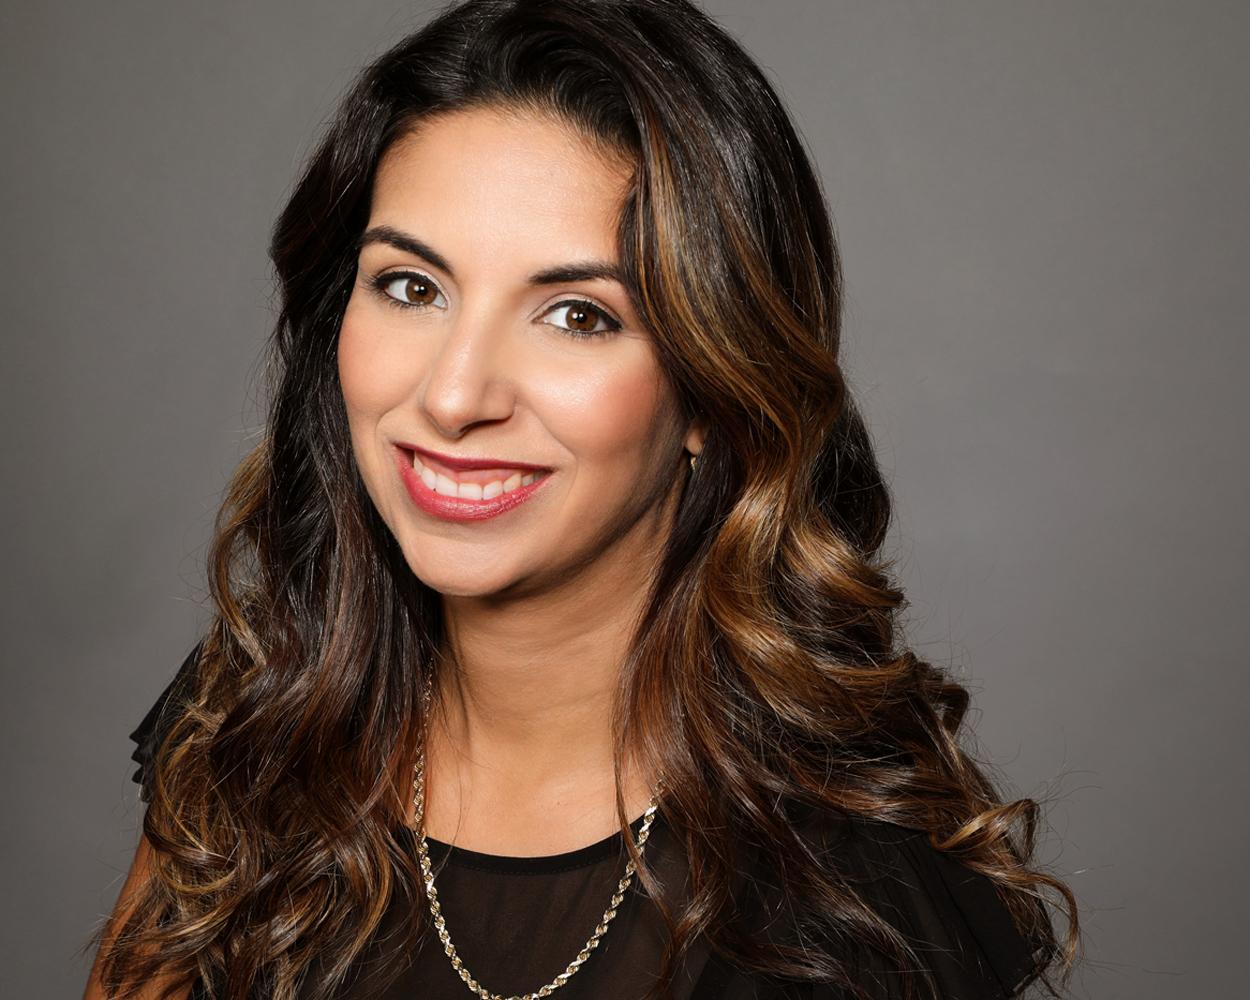 Monica Negrini-Sanchez